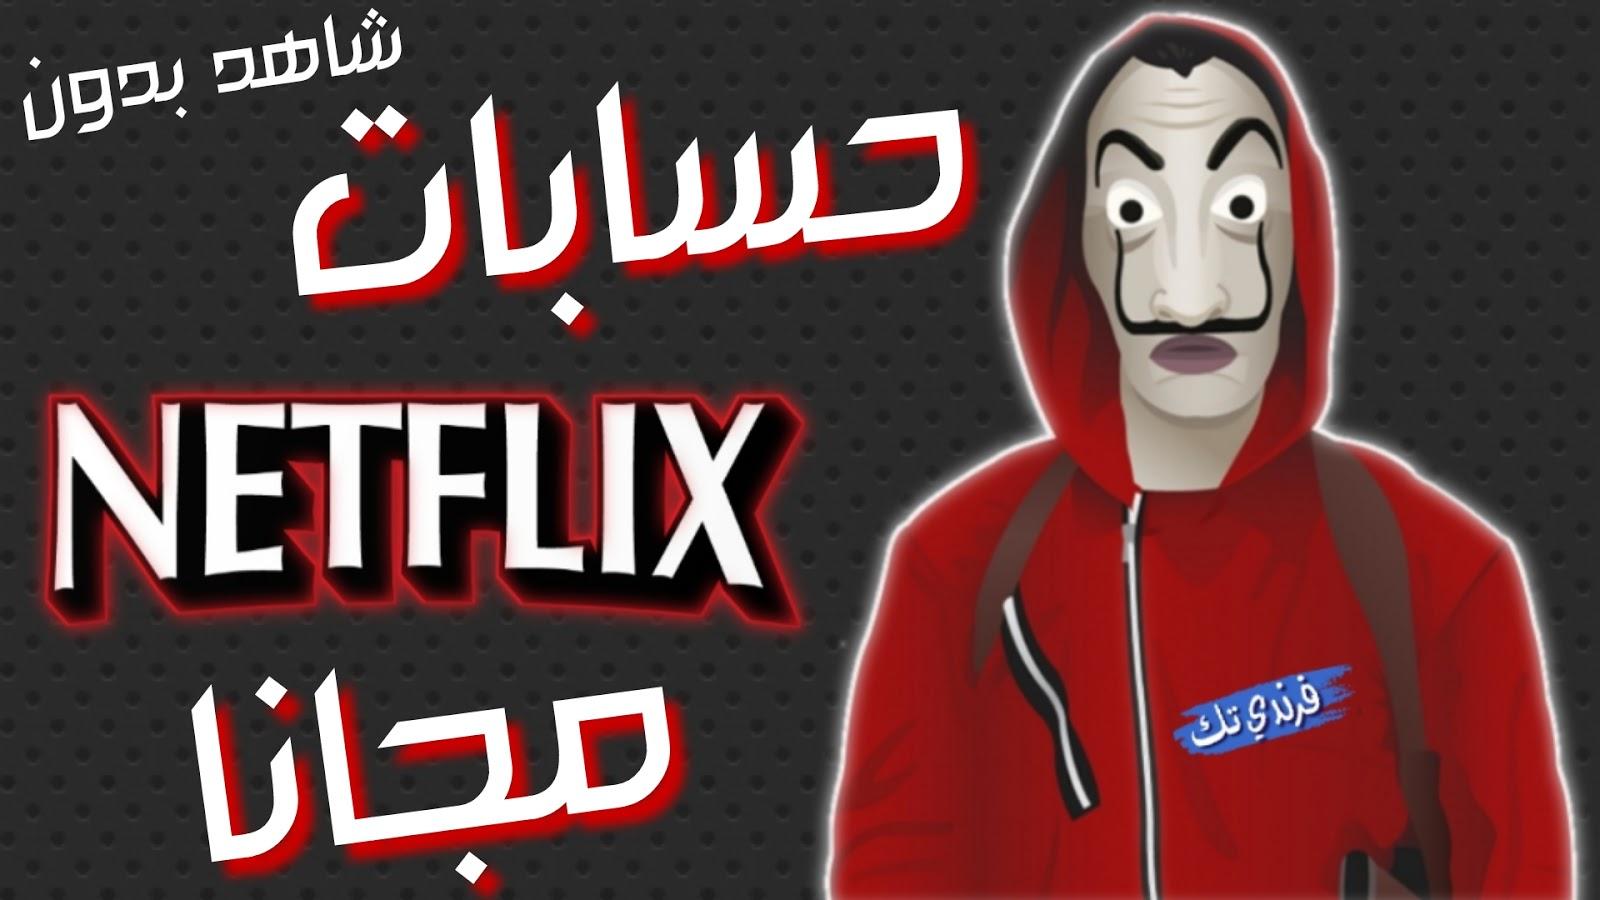 شاهد افلام ومسلسلات نتفليكس بدون حسابات Netflix المدفوعة مجانا